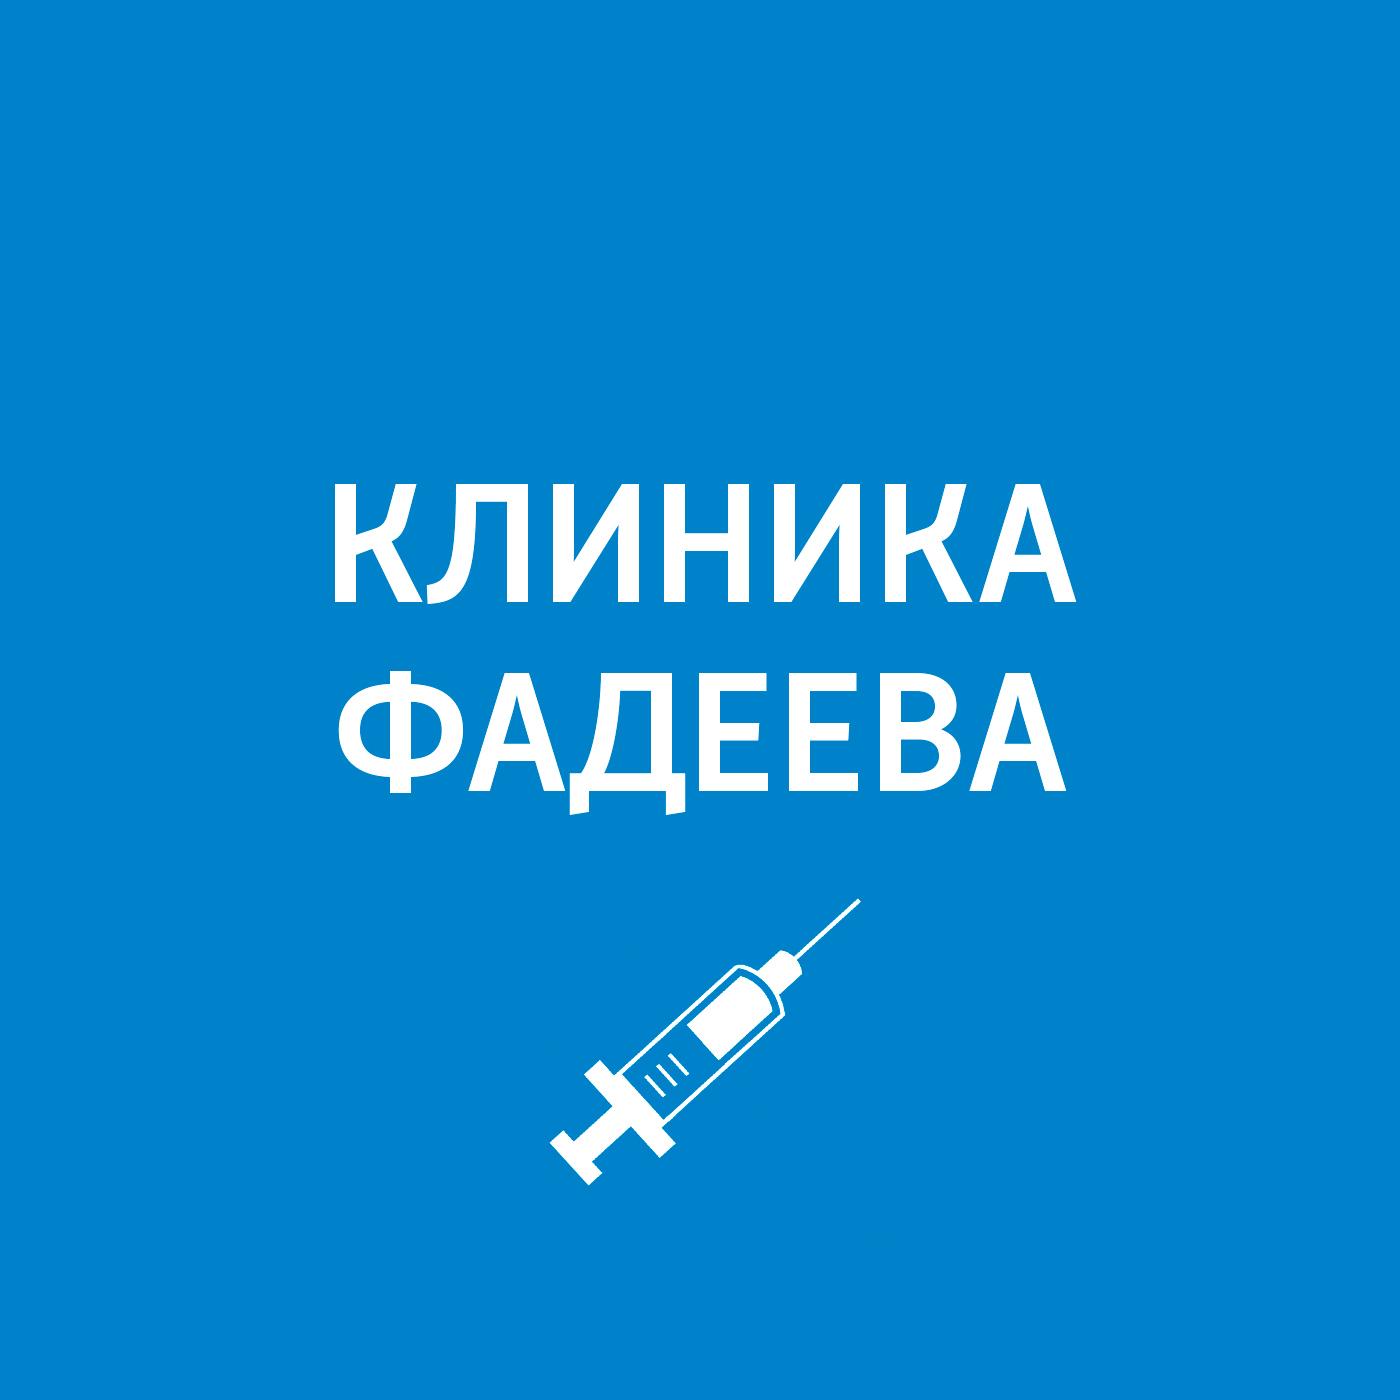 Пётр Фадеев Сердце пётр фадеев кинезиолог остеопат